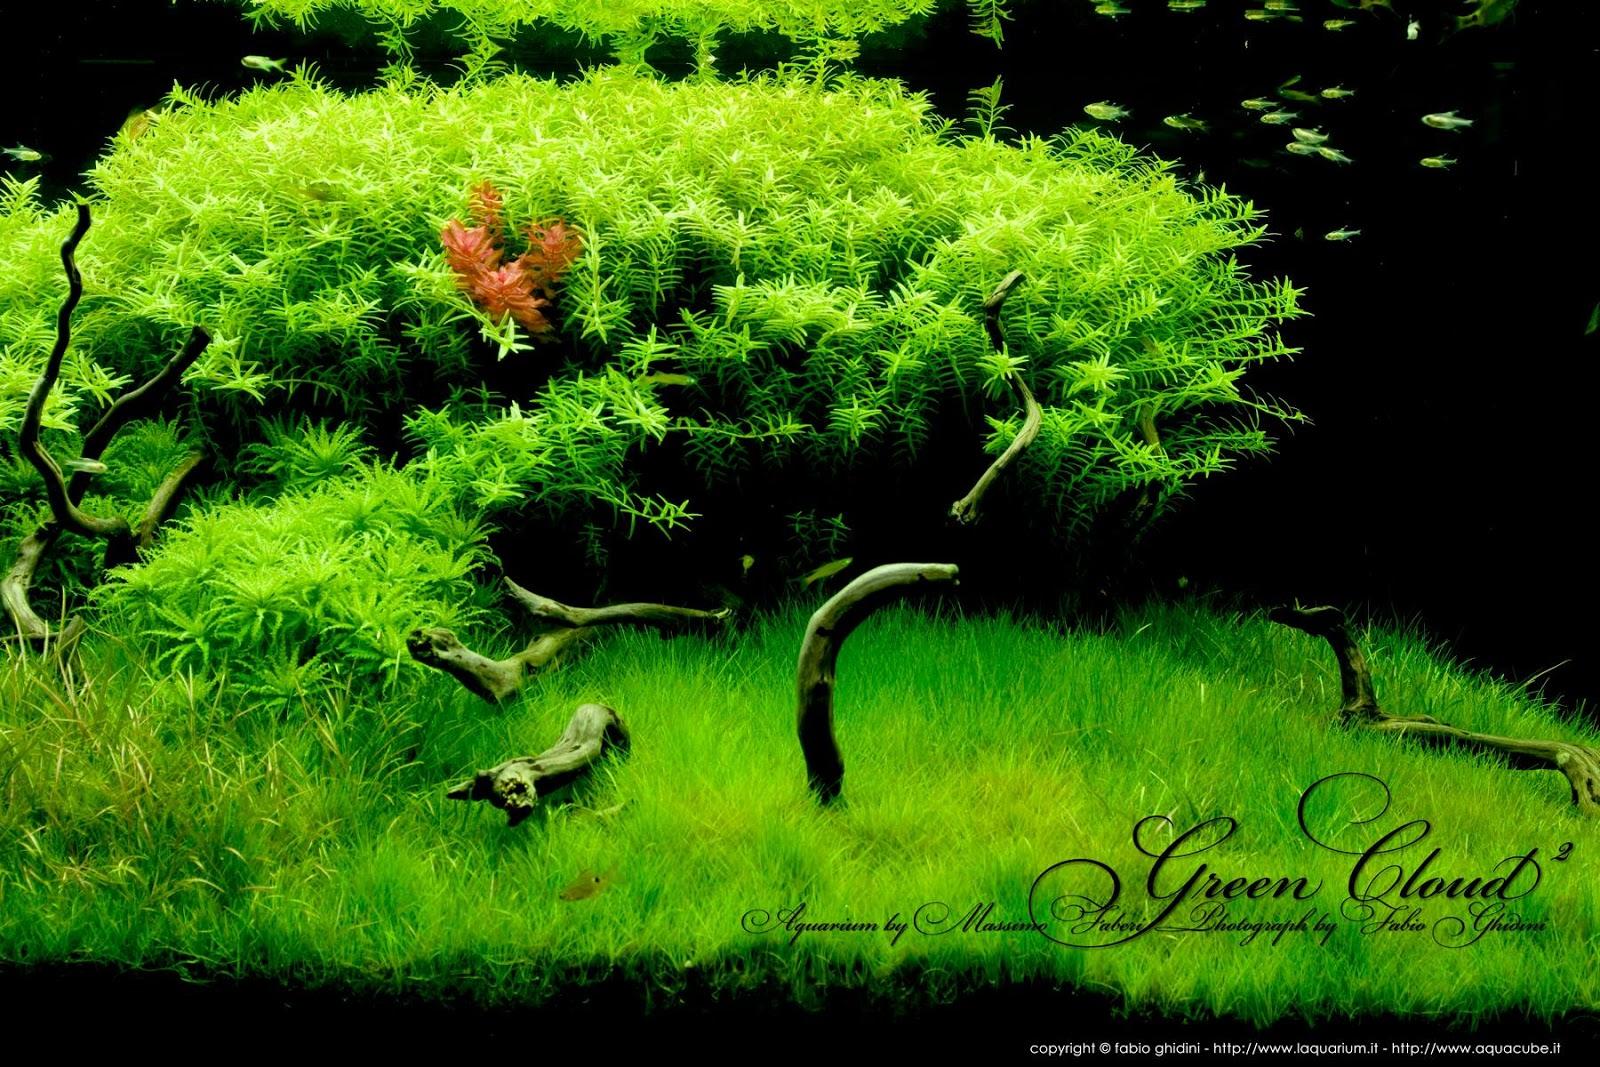 một hồ thủy sinh với cây vẩy ốc xanh tuyệt đẹp